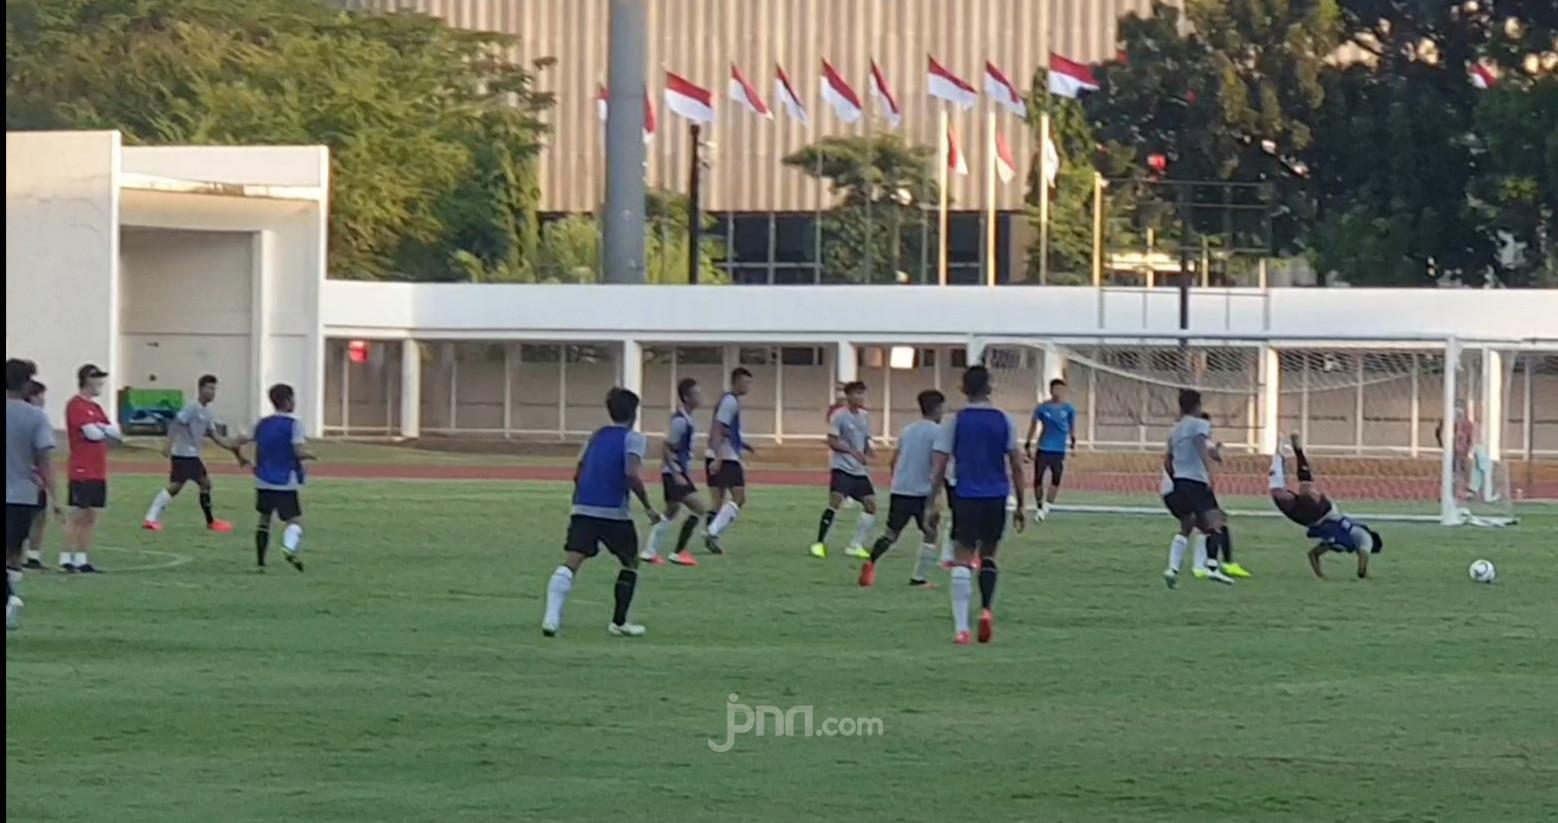 Indonesia U-19 vs Qatar, Sekarang Harus Lebih Maksimal - JPNN.com